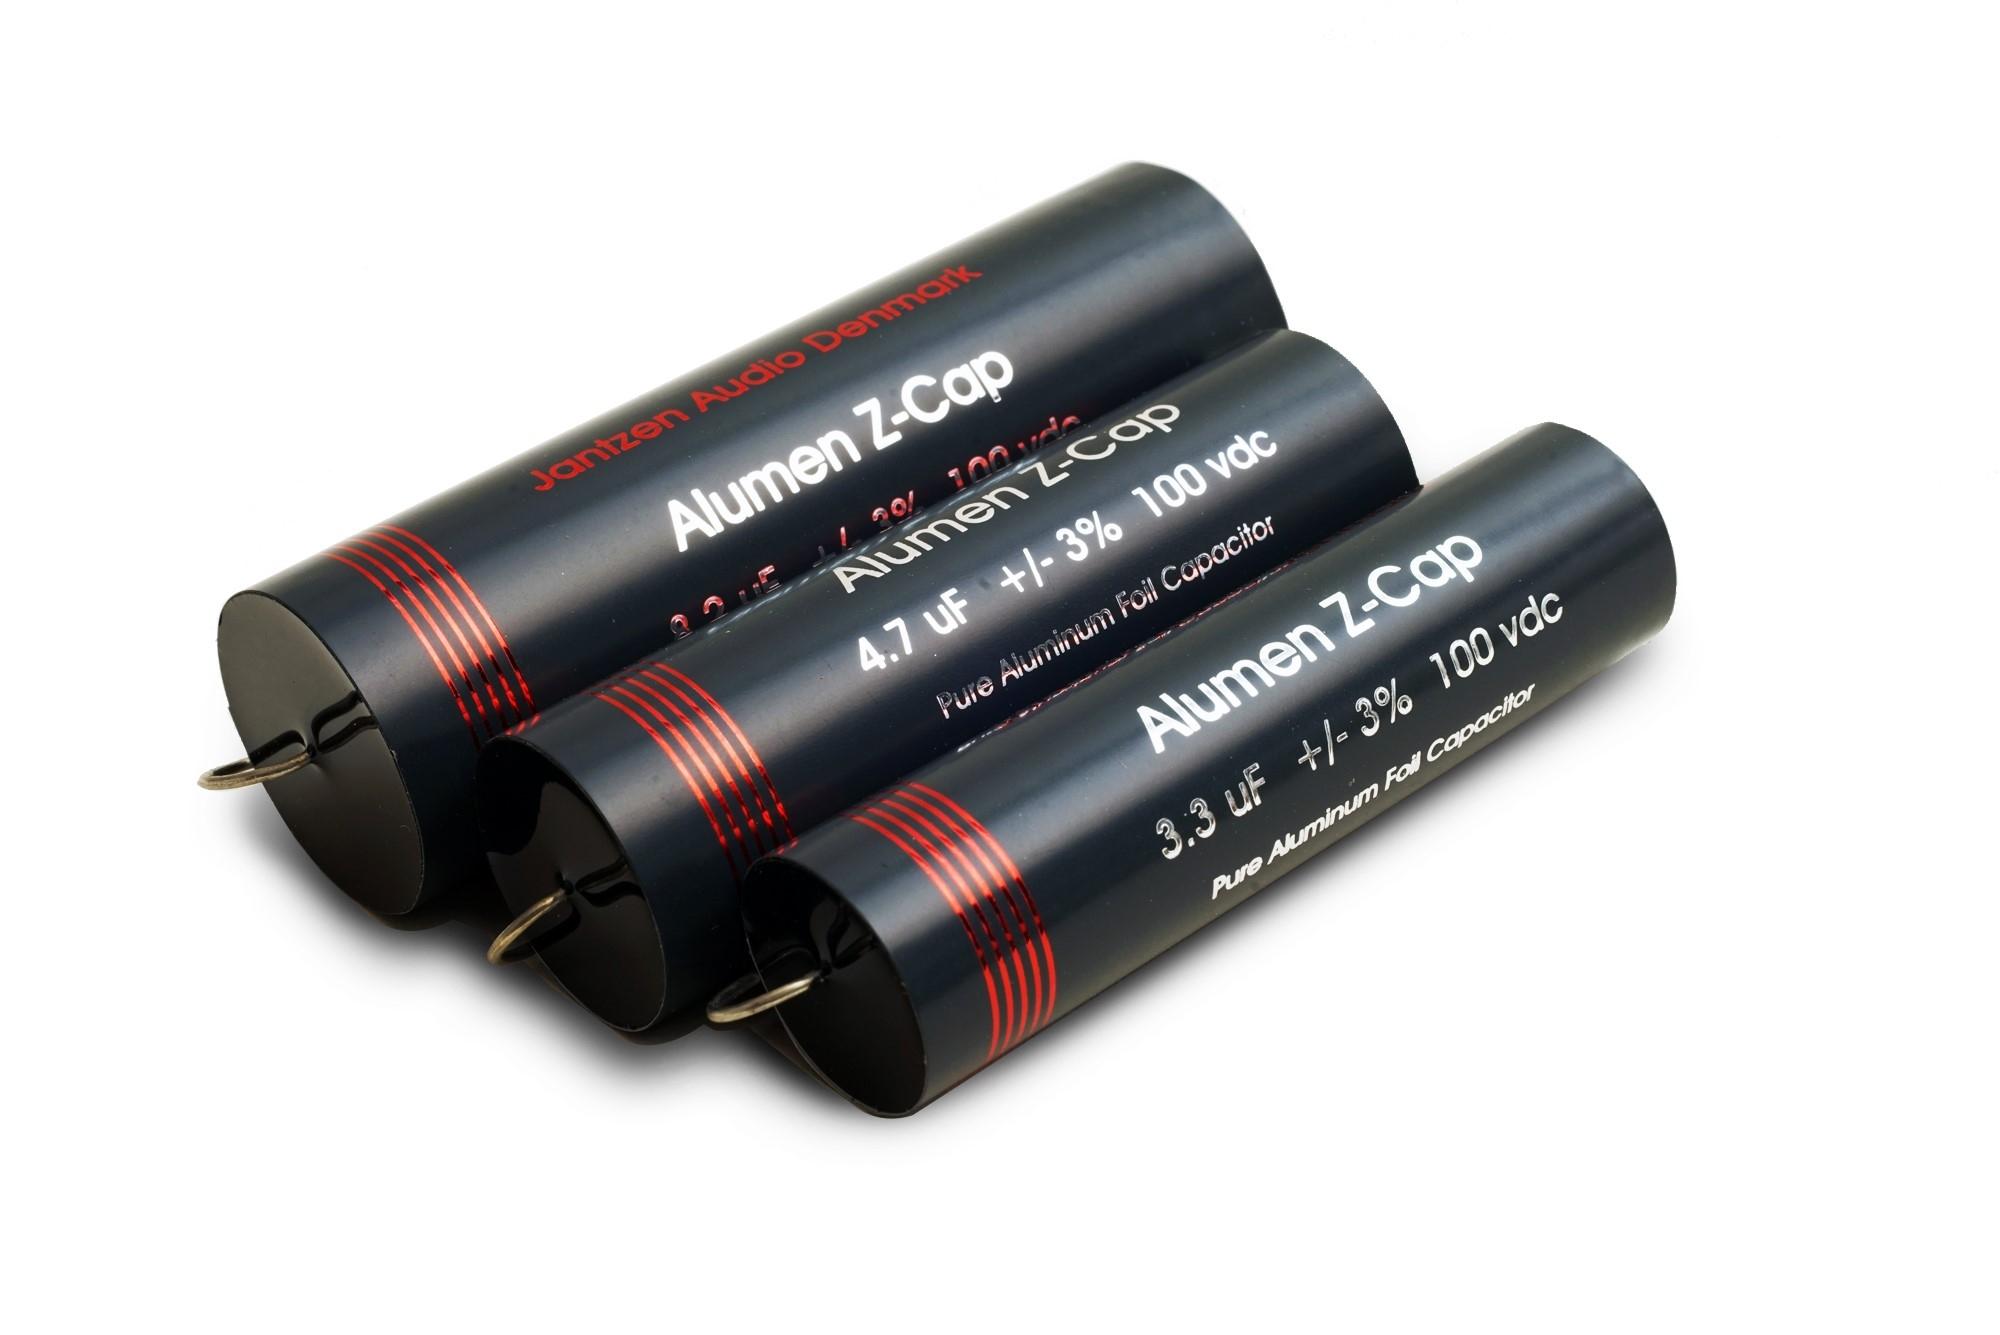 1,0 uF Alumen Z-cap kondensator Jantzen Audio thumbnail